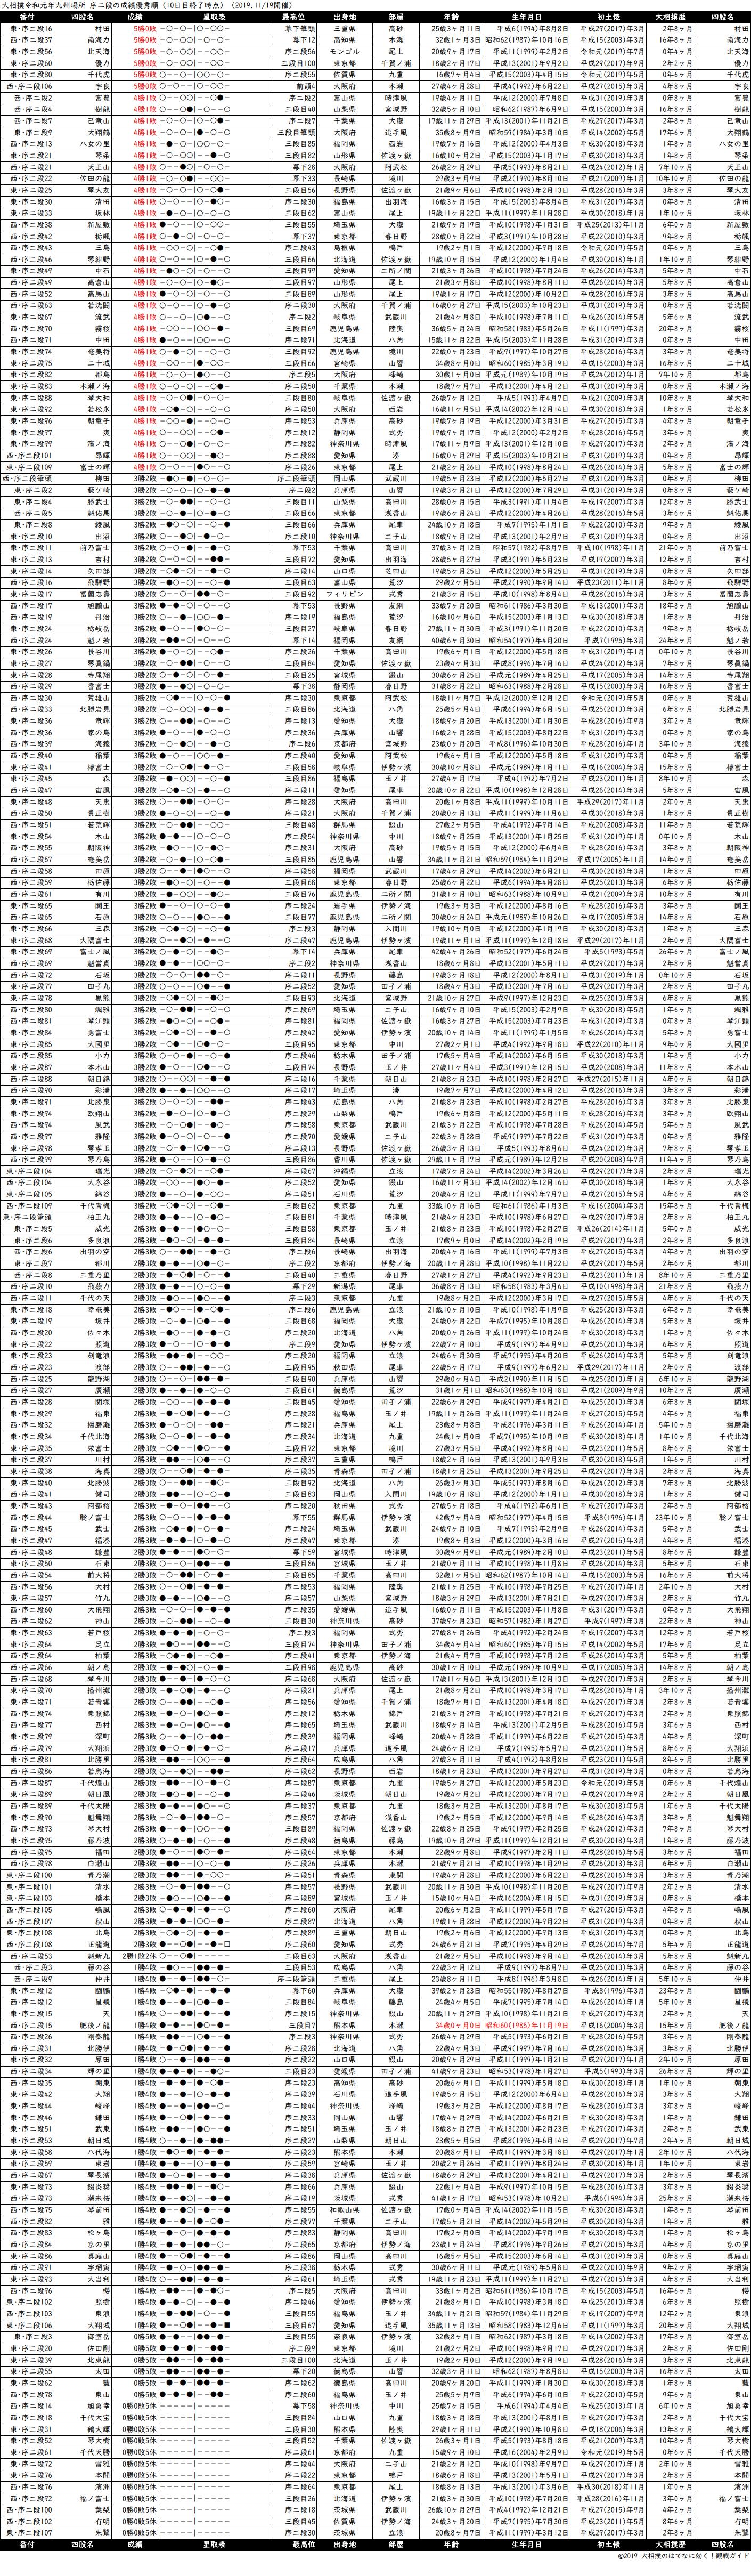 序二段成績順一覧表・2019年11月場所10日目